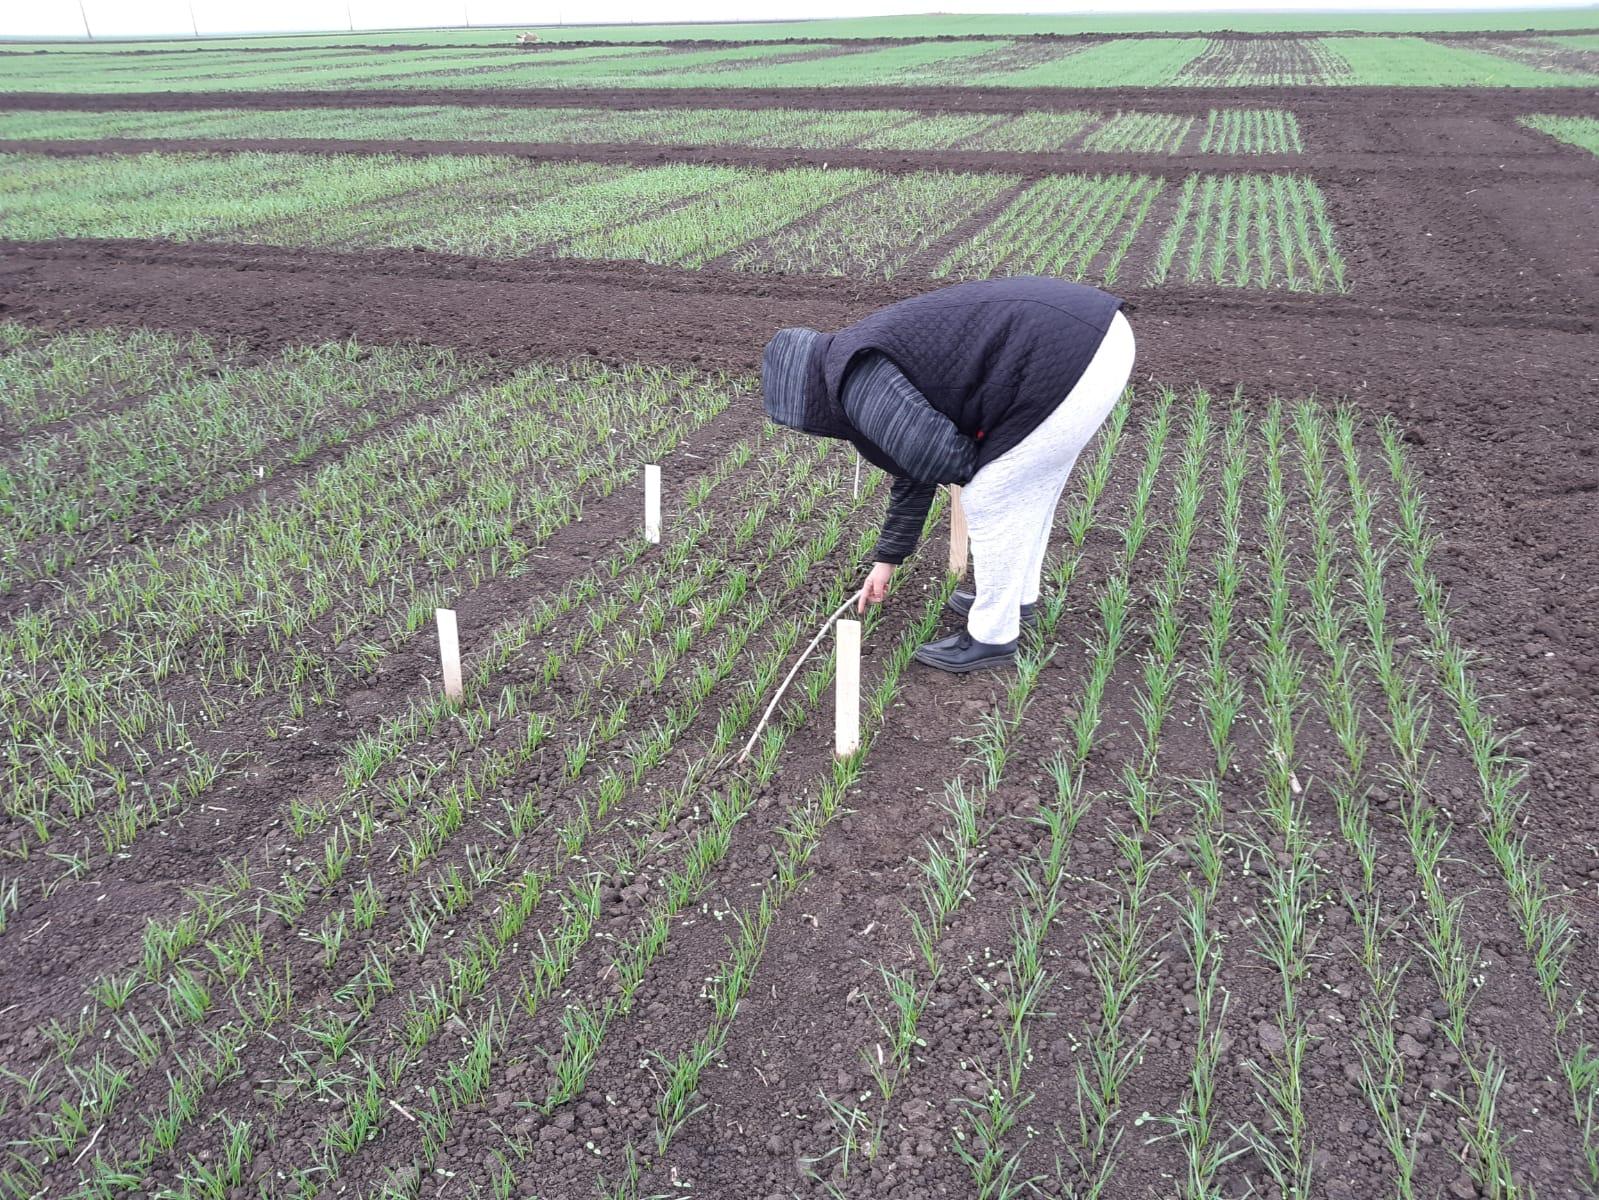 """""""Începând cu data de 25.11.2020 vom demara plata"""" pentru fermierii afectați de pandemie; s-au depus cereri într-un număr de 122.986; stiri agricole"""